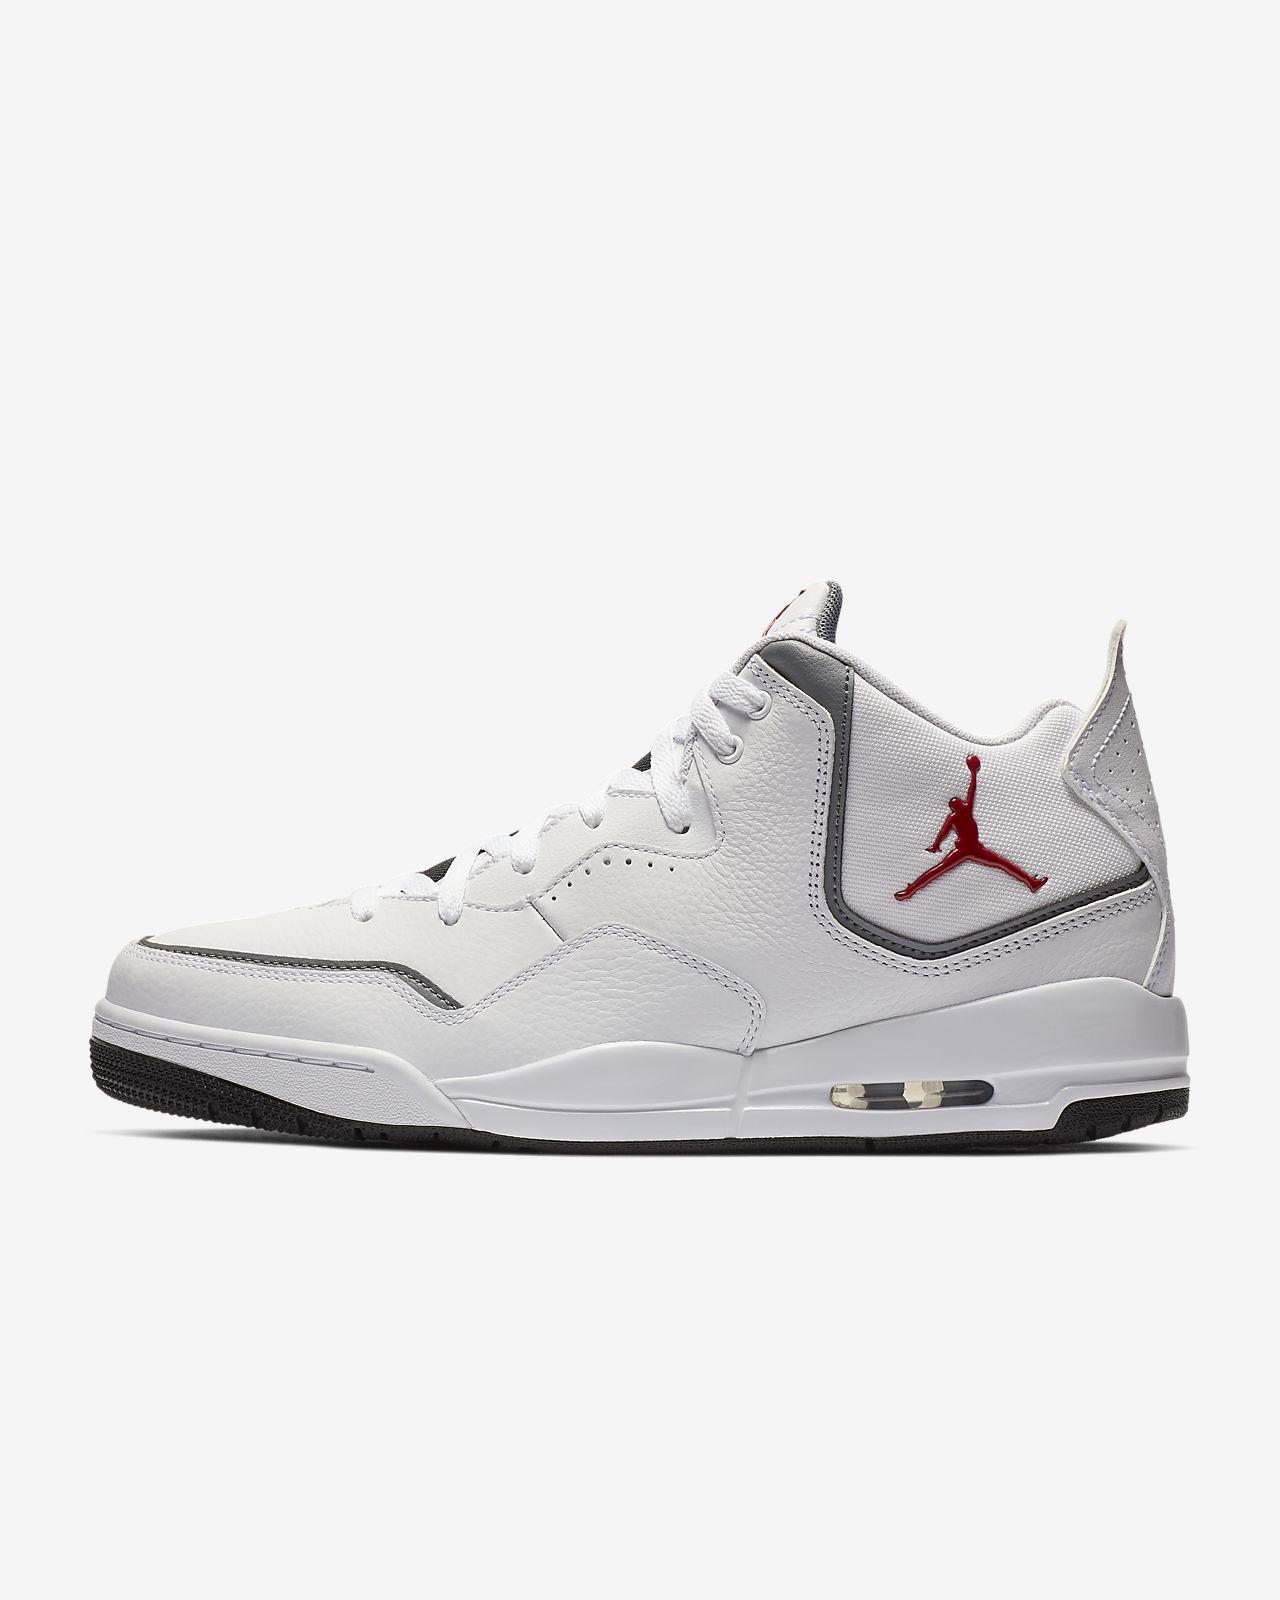 separation shoes 614e3 2ff7c Sko Jordan Courtside 23 för män